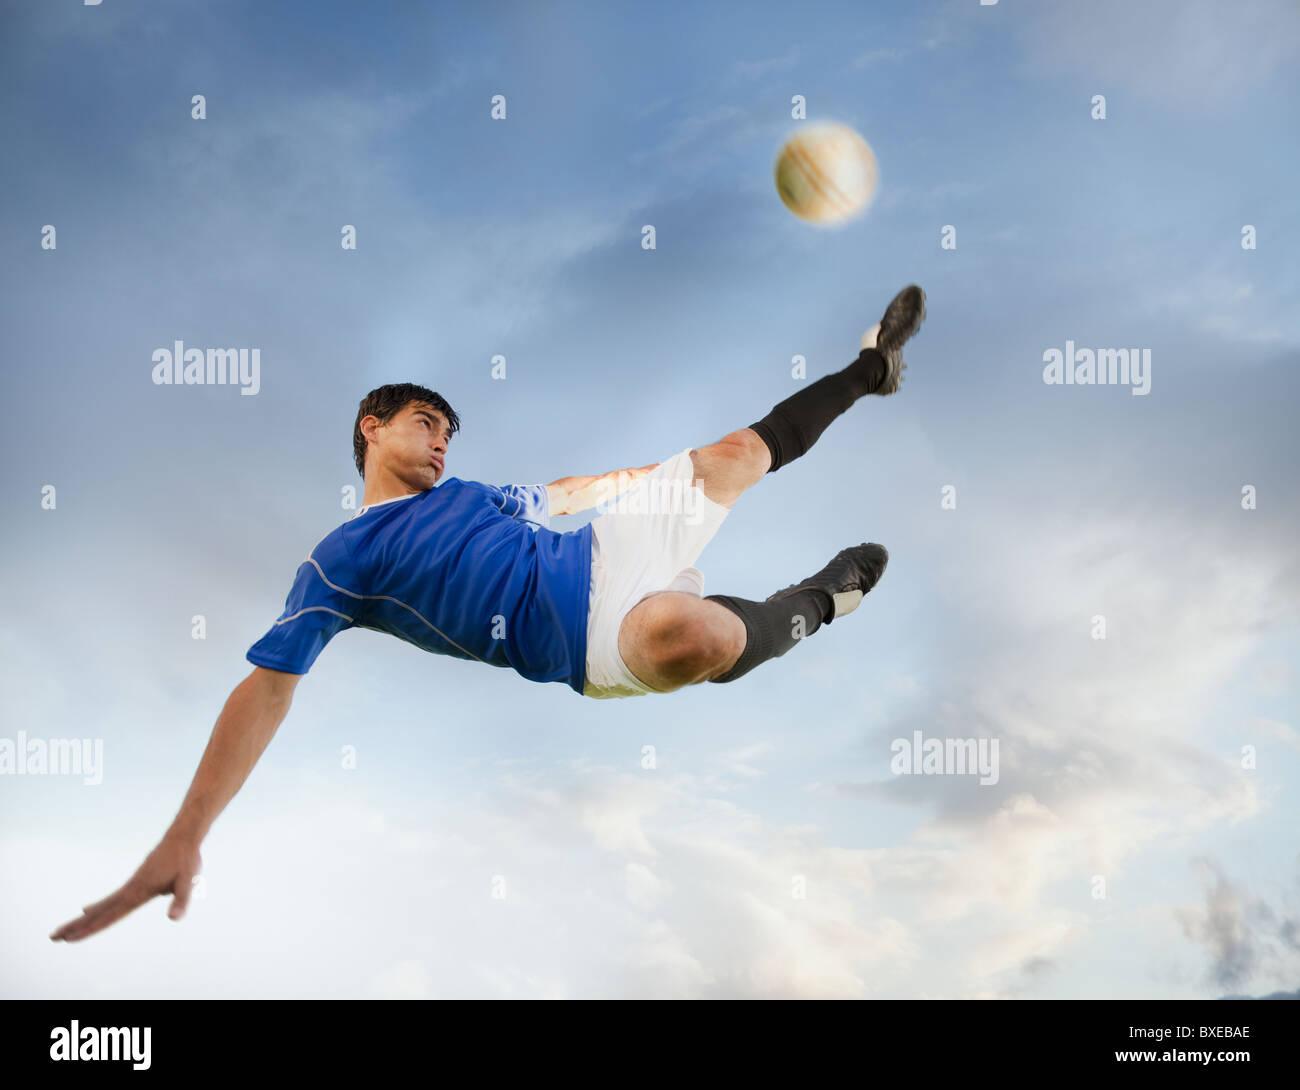 Jugador de fútbol chutar un balón Foto de stock